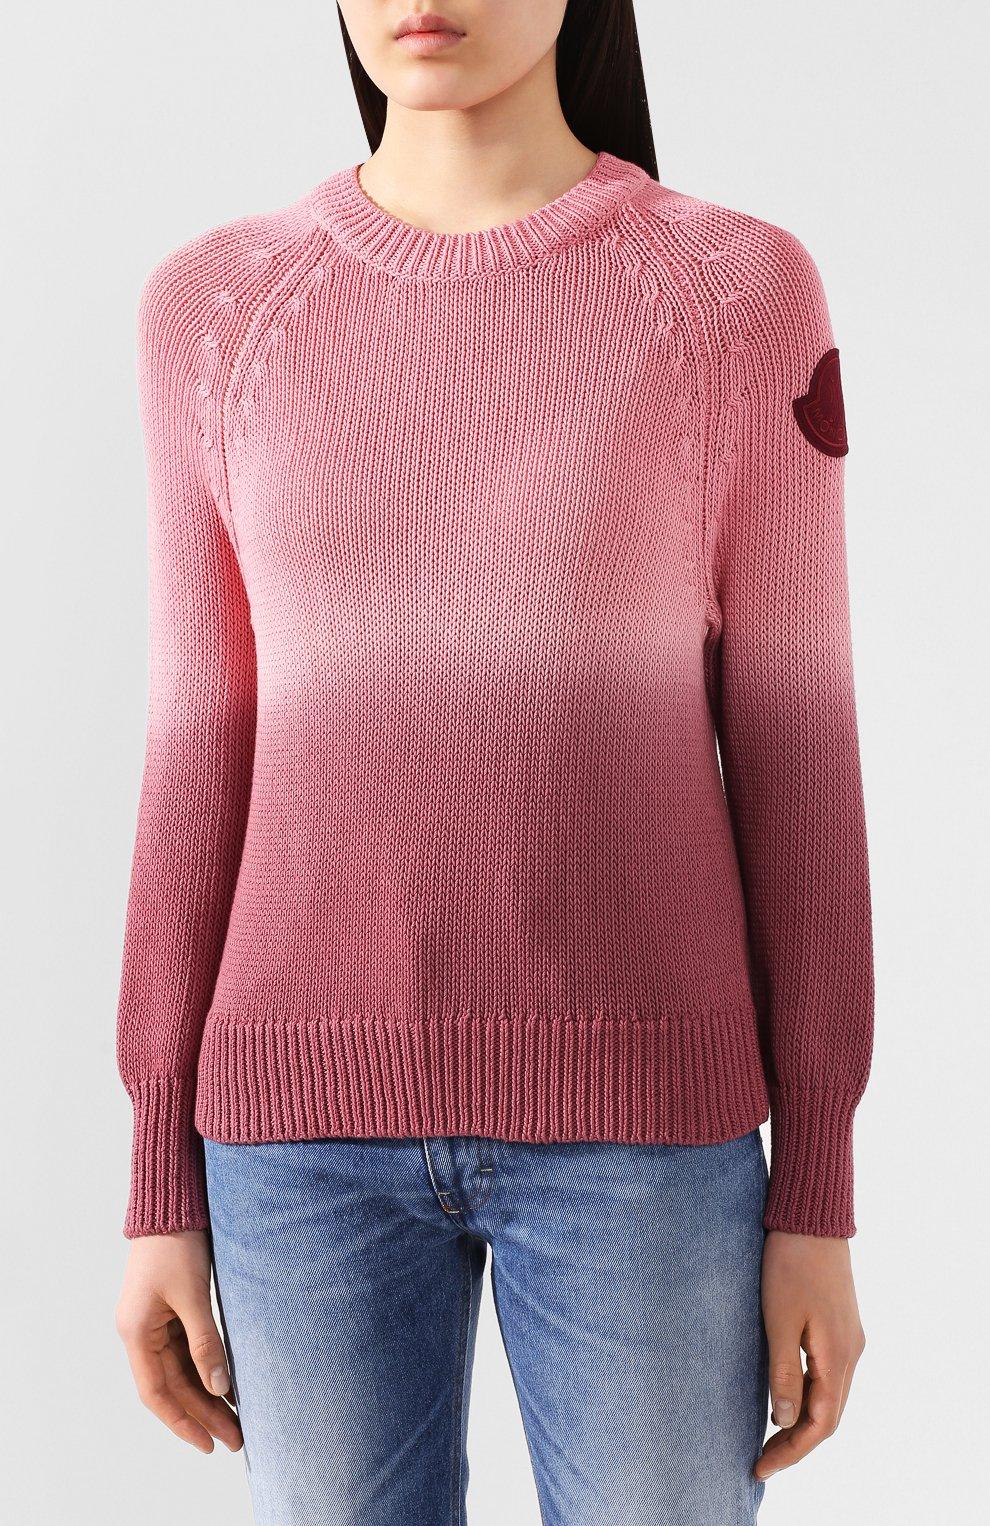 Женский хлопковый свитер MONCLER розового цвета, арт. F1-093-9C711-60-V9088   Фото 3 (Женское Кросс-КТ: Свитер-одежда; Рукава: Длинные; Длина (для топов): Стандартные; Материал внешний: Хлопок; Стили: Кэжуэл)